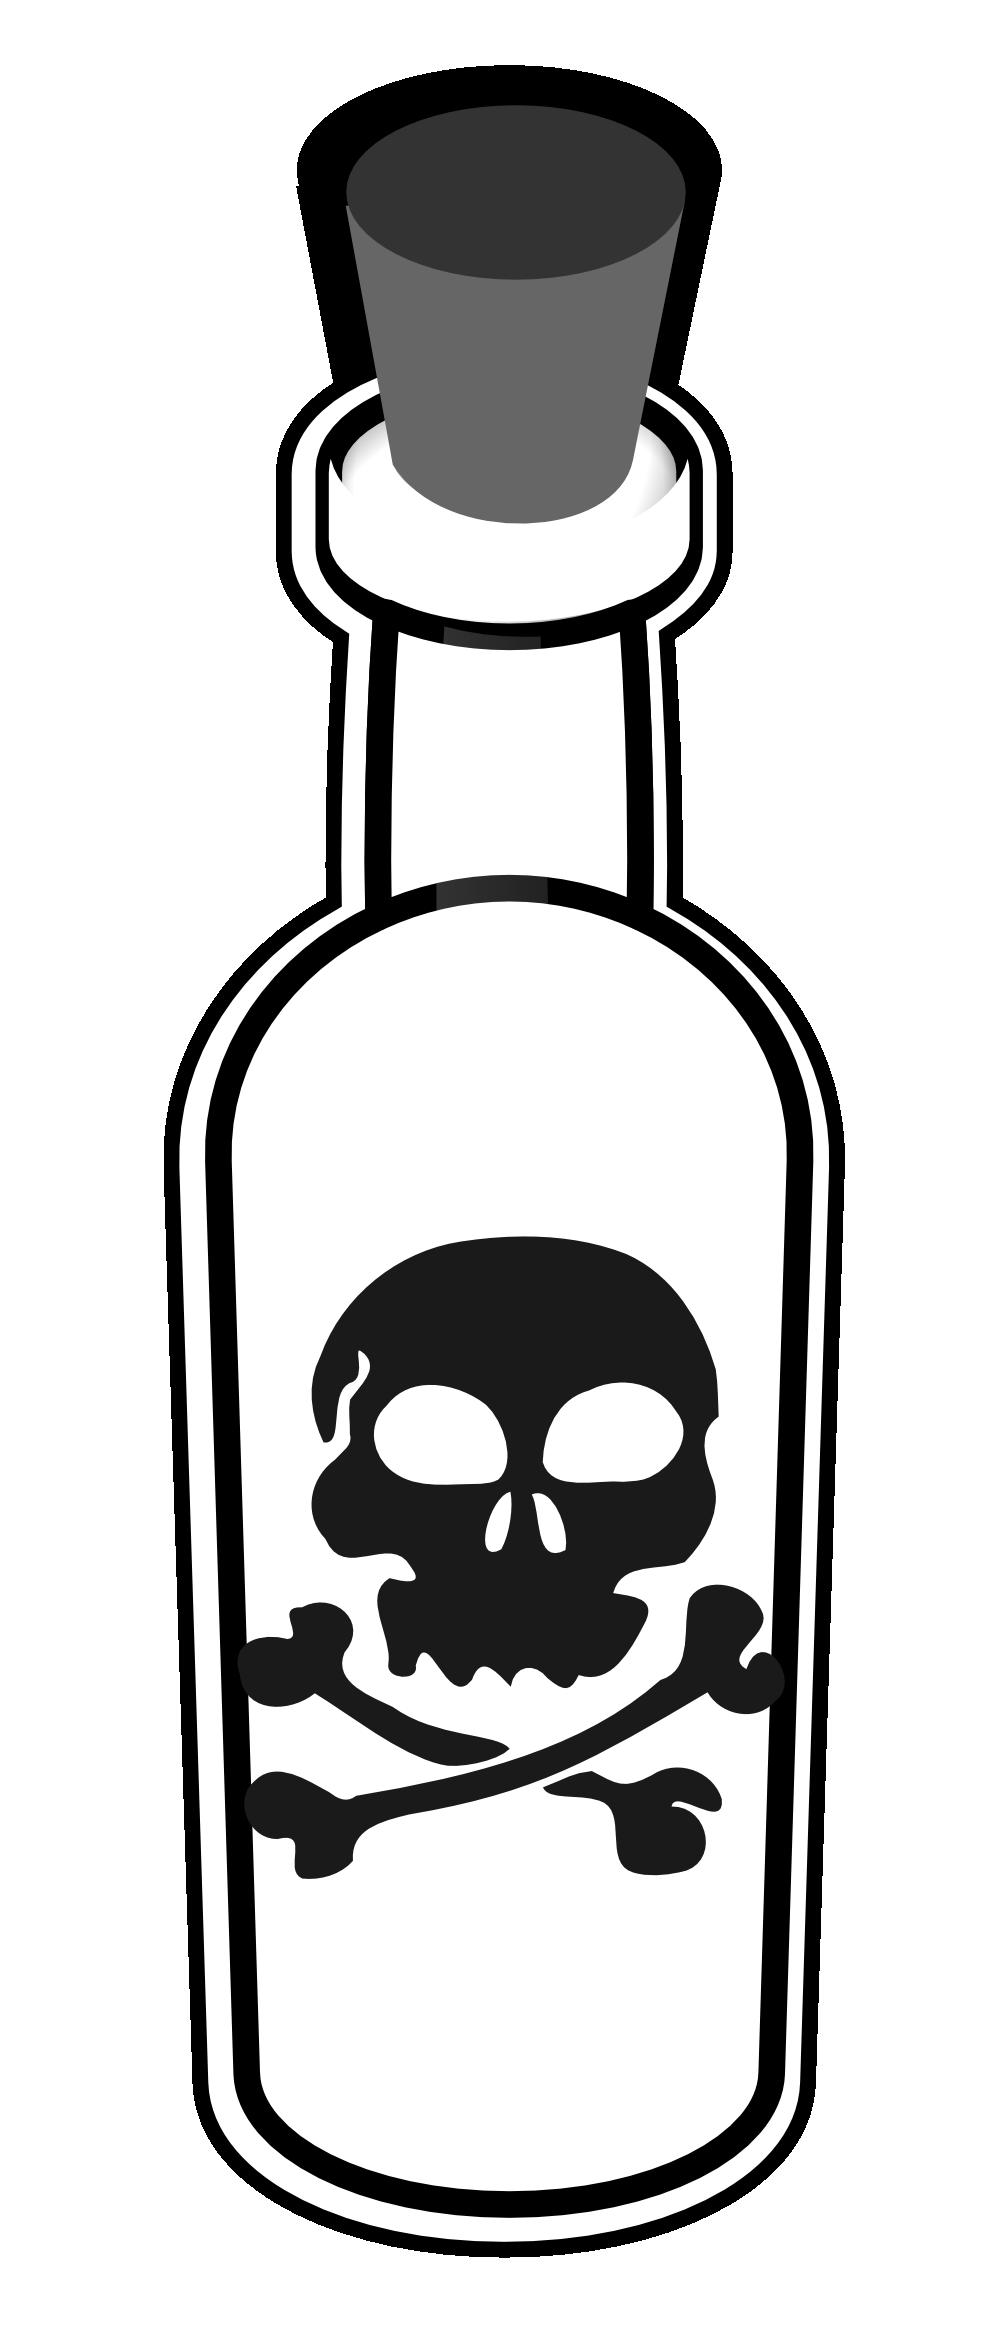 Poison clipart.